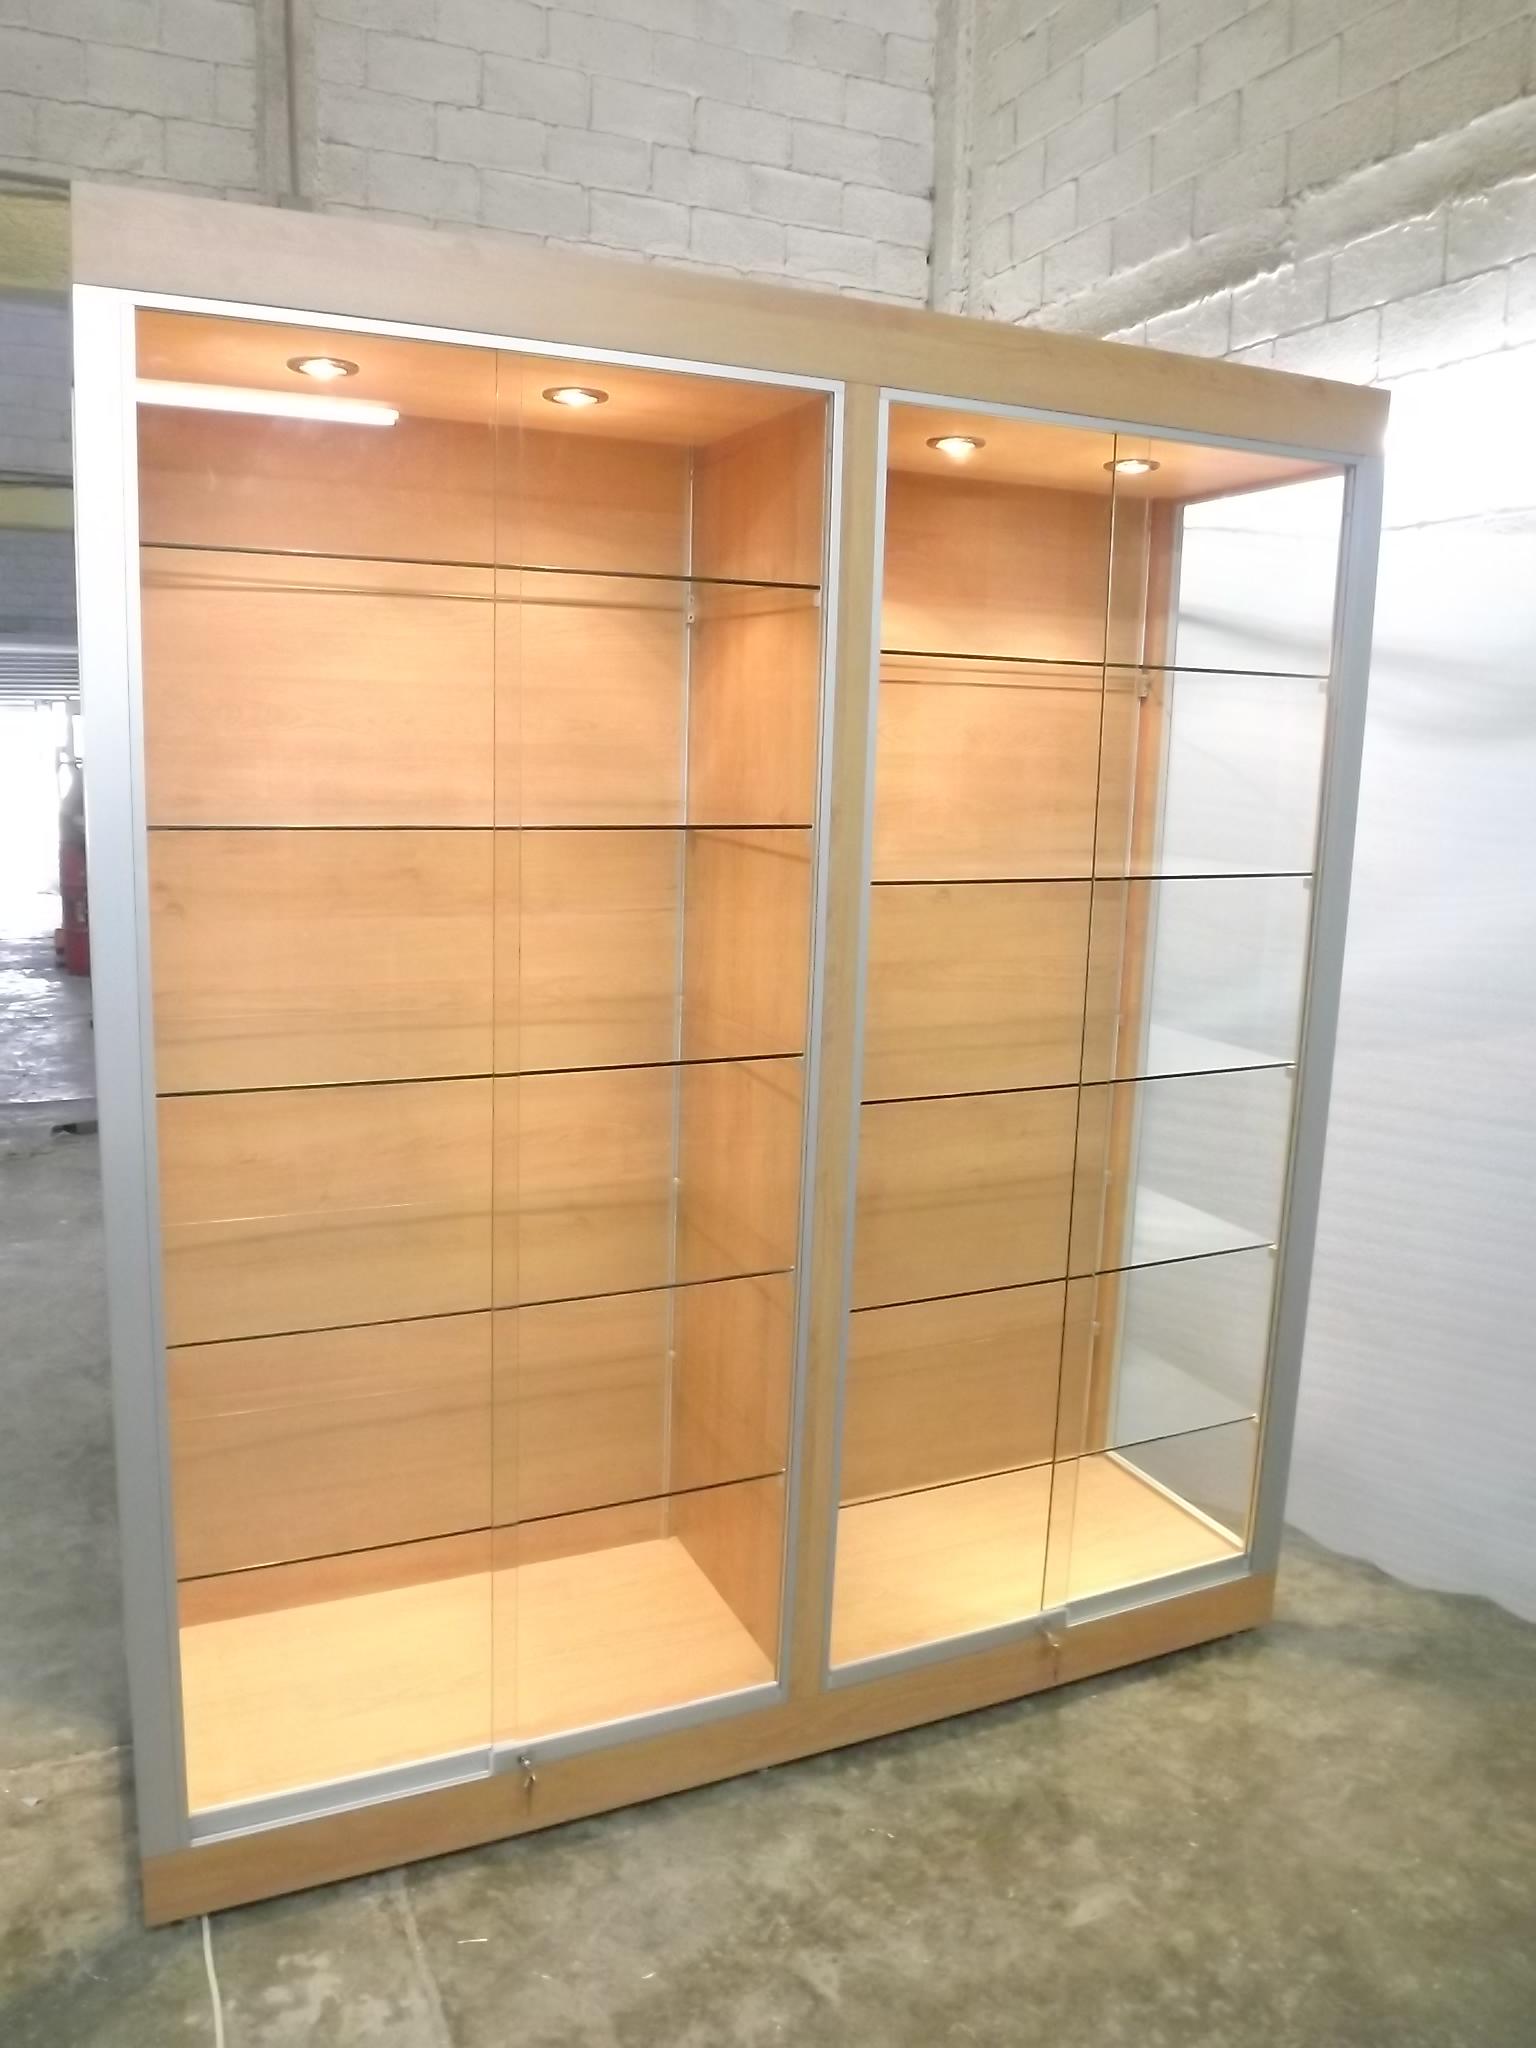 Vitrinas vitrina vitrinas exhibidores exhibidor for Imagenes de kioscos de madera